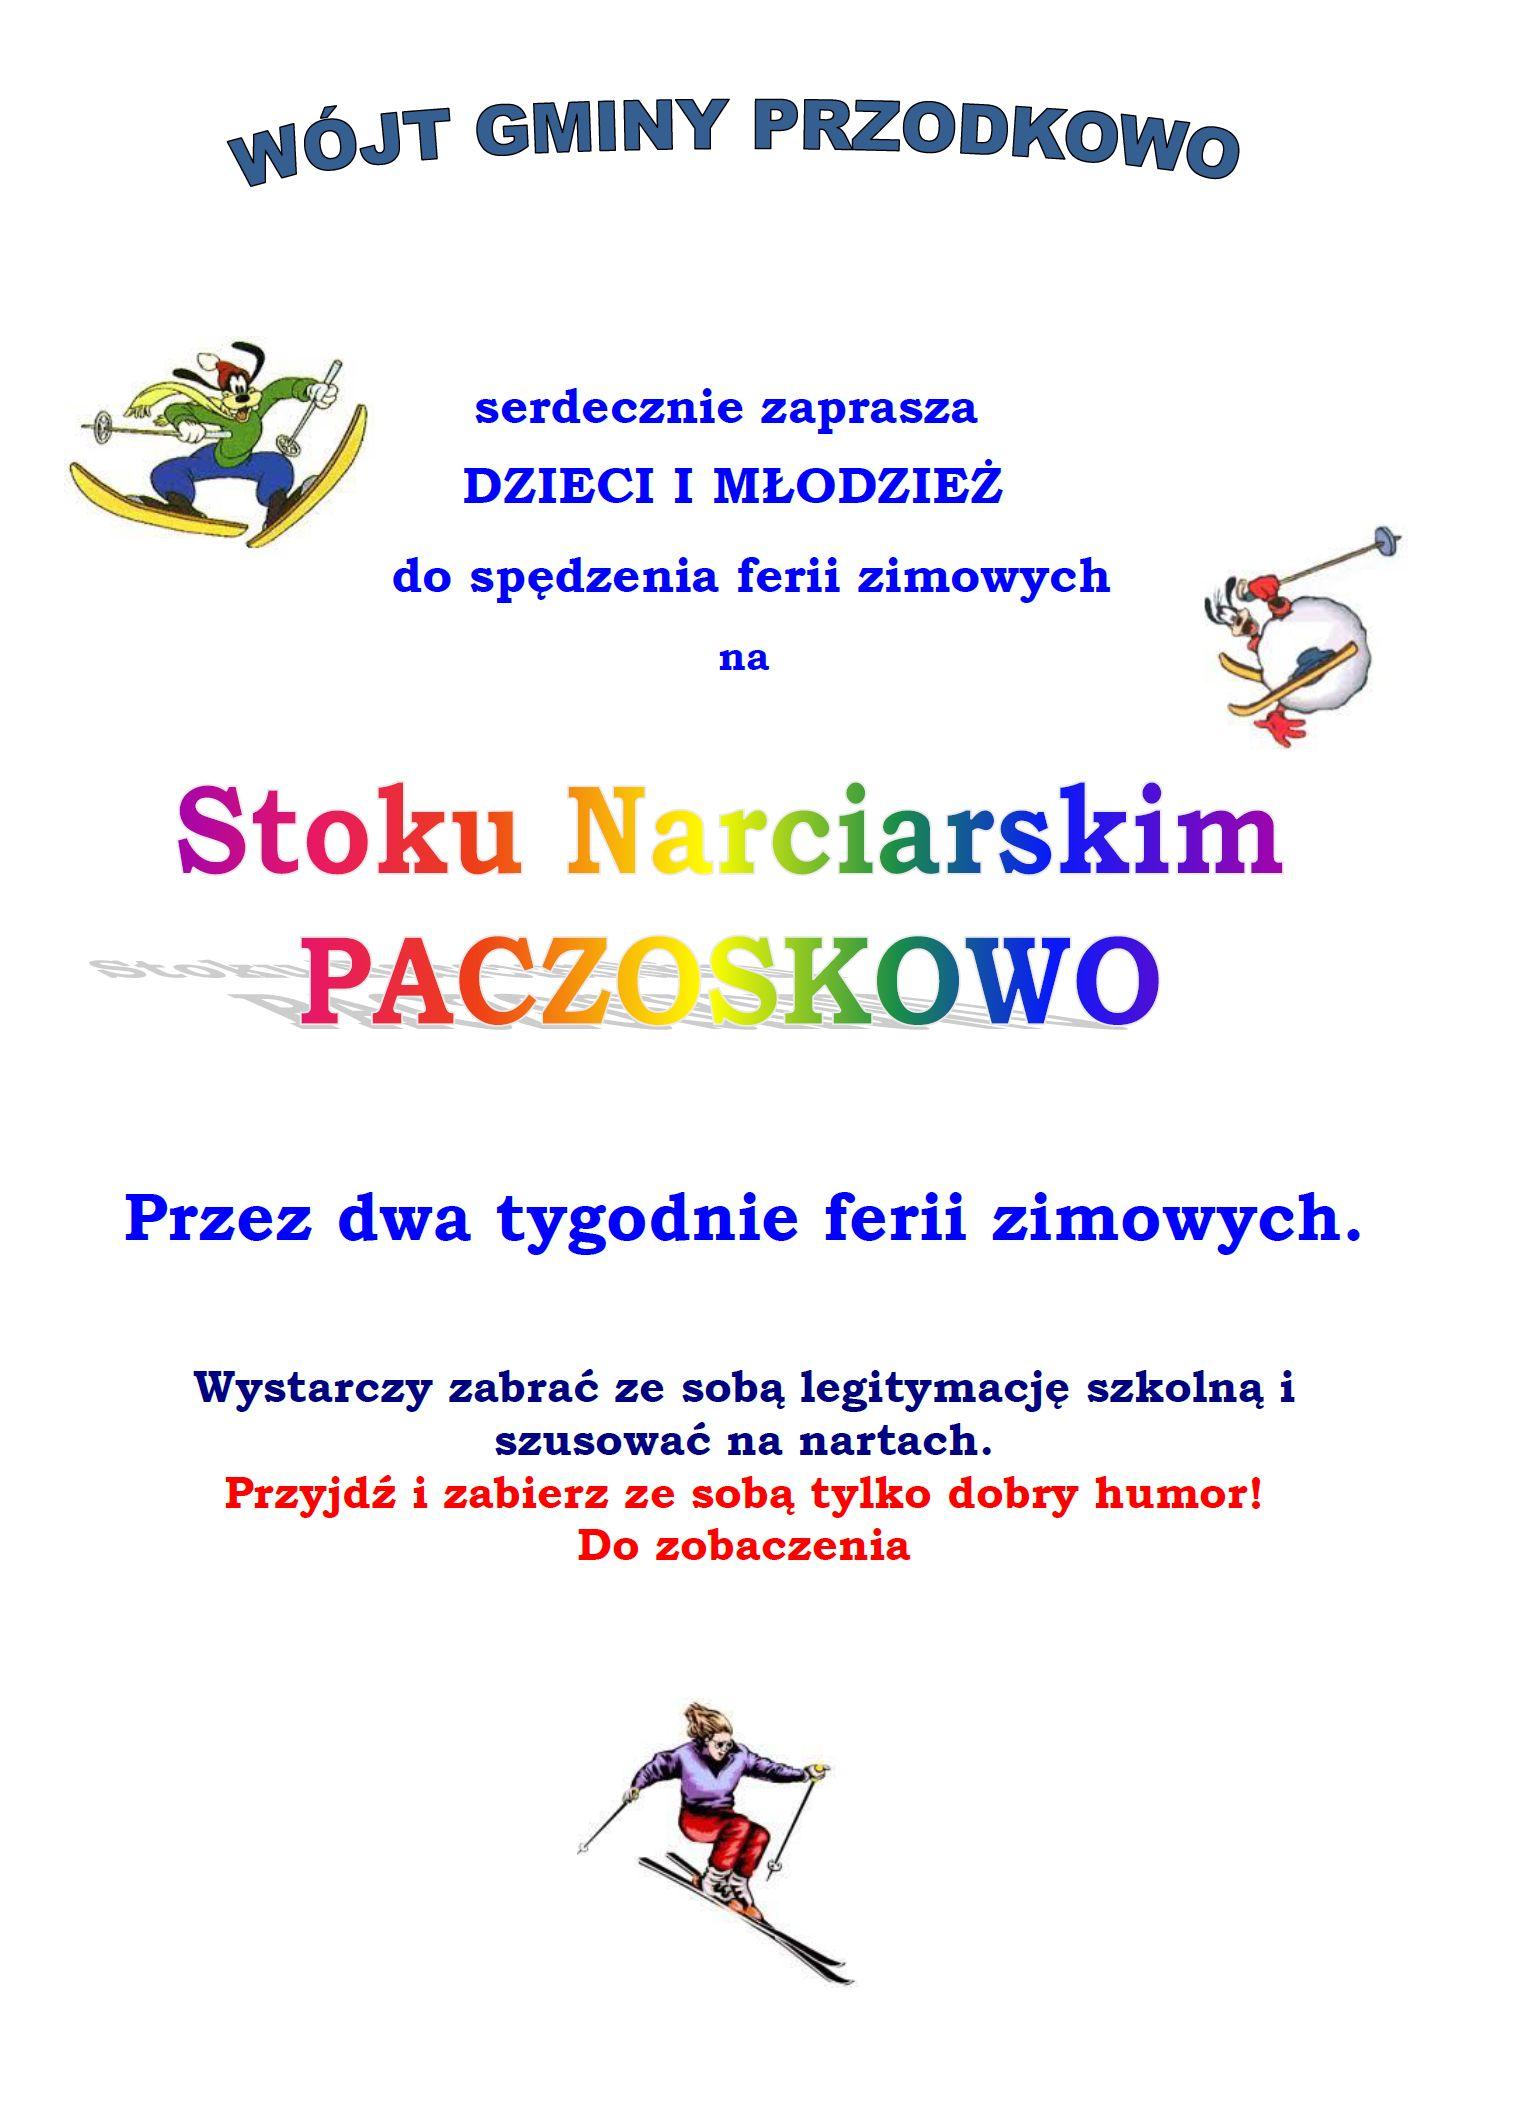 Ferie na stoku narciarskim Paczoskowo i na orliku. Wójt Gminy Przodkowo zaprasza!